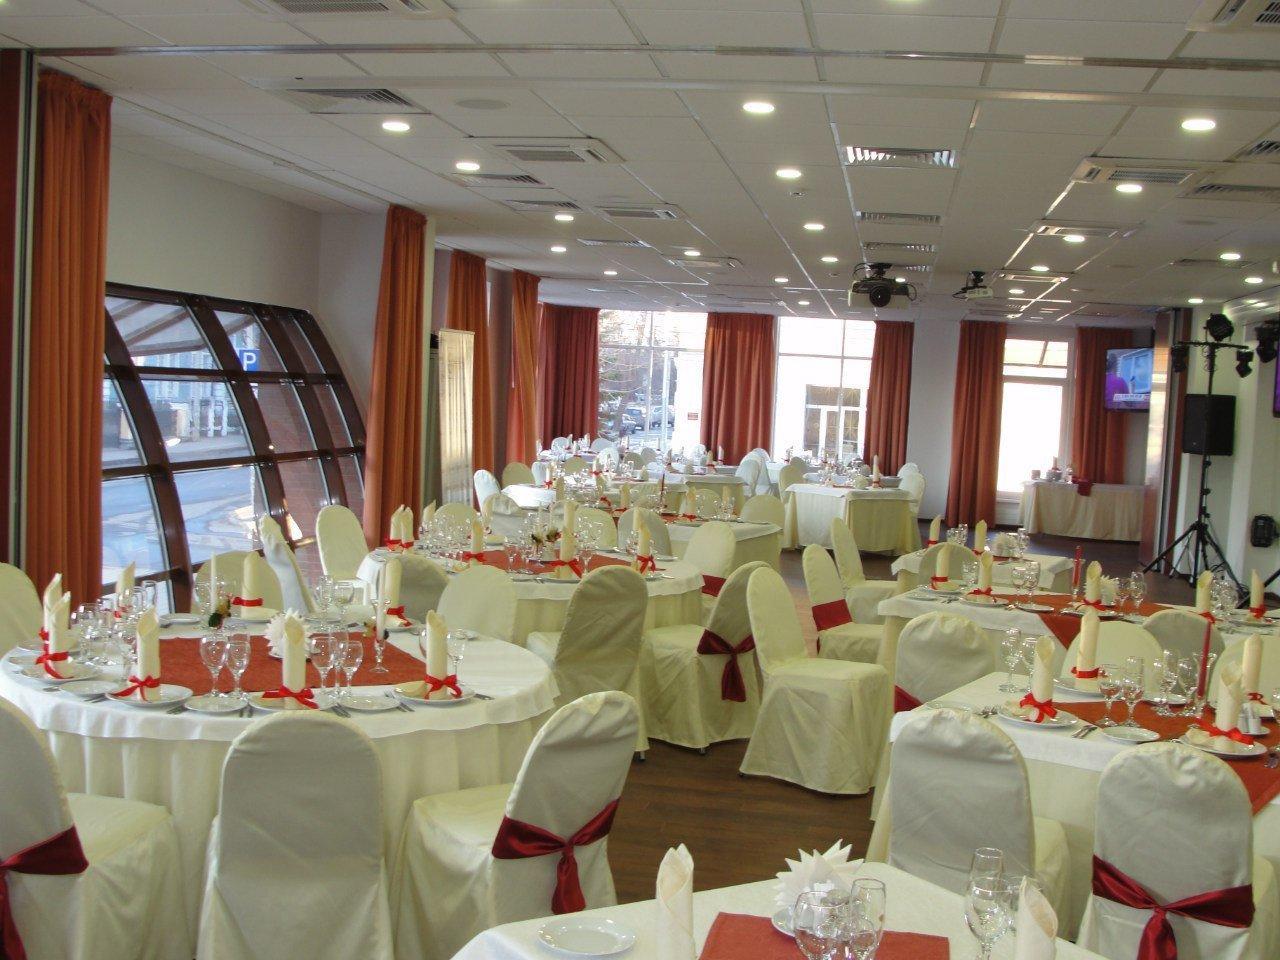 фотография Ресторана Оснабрюк в Центральном районе